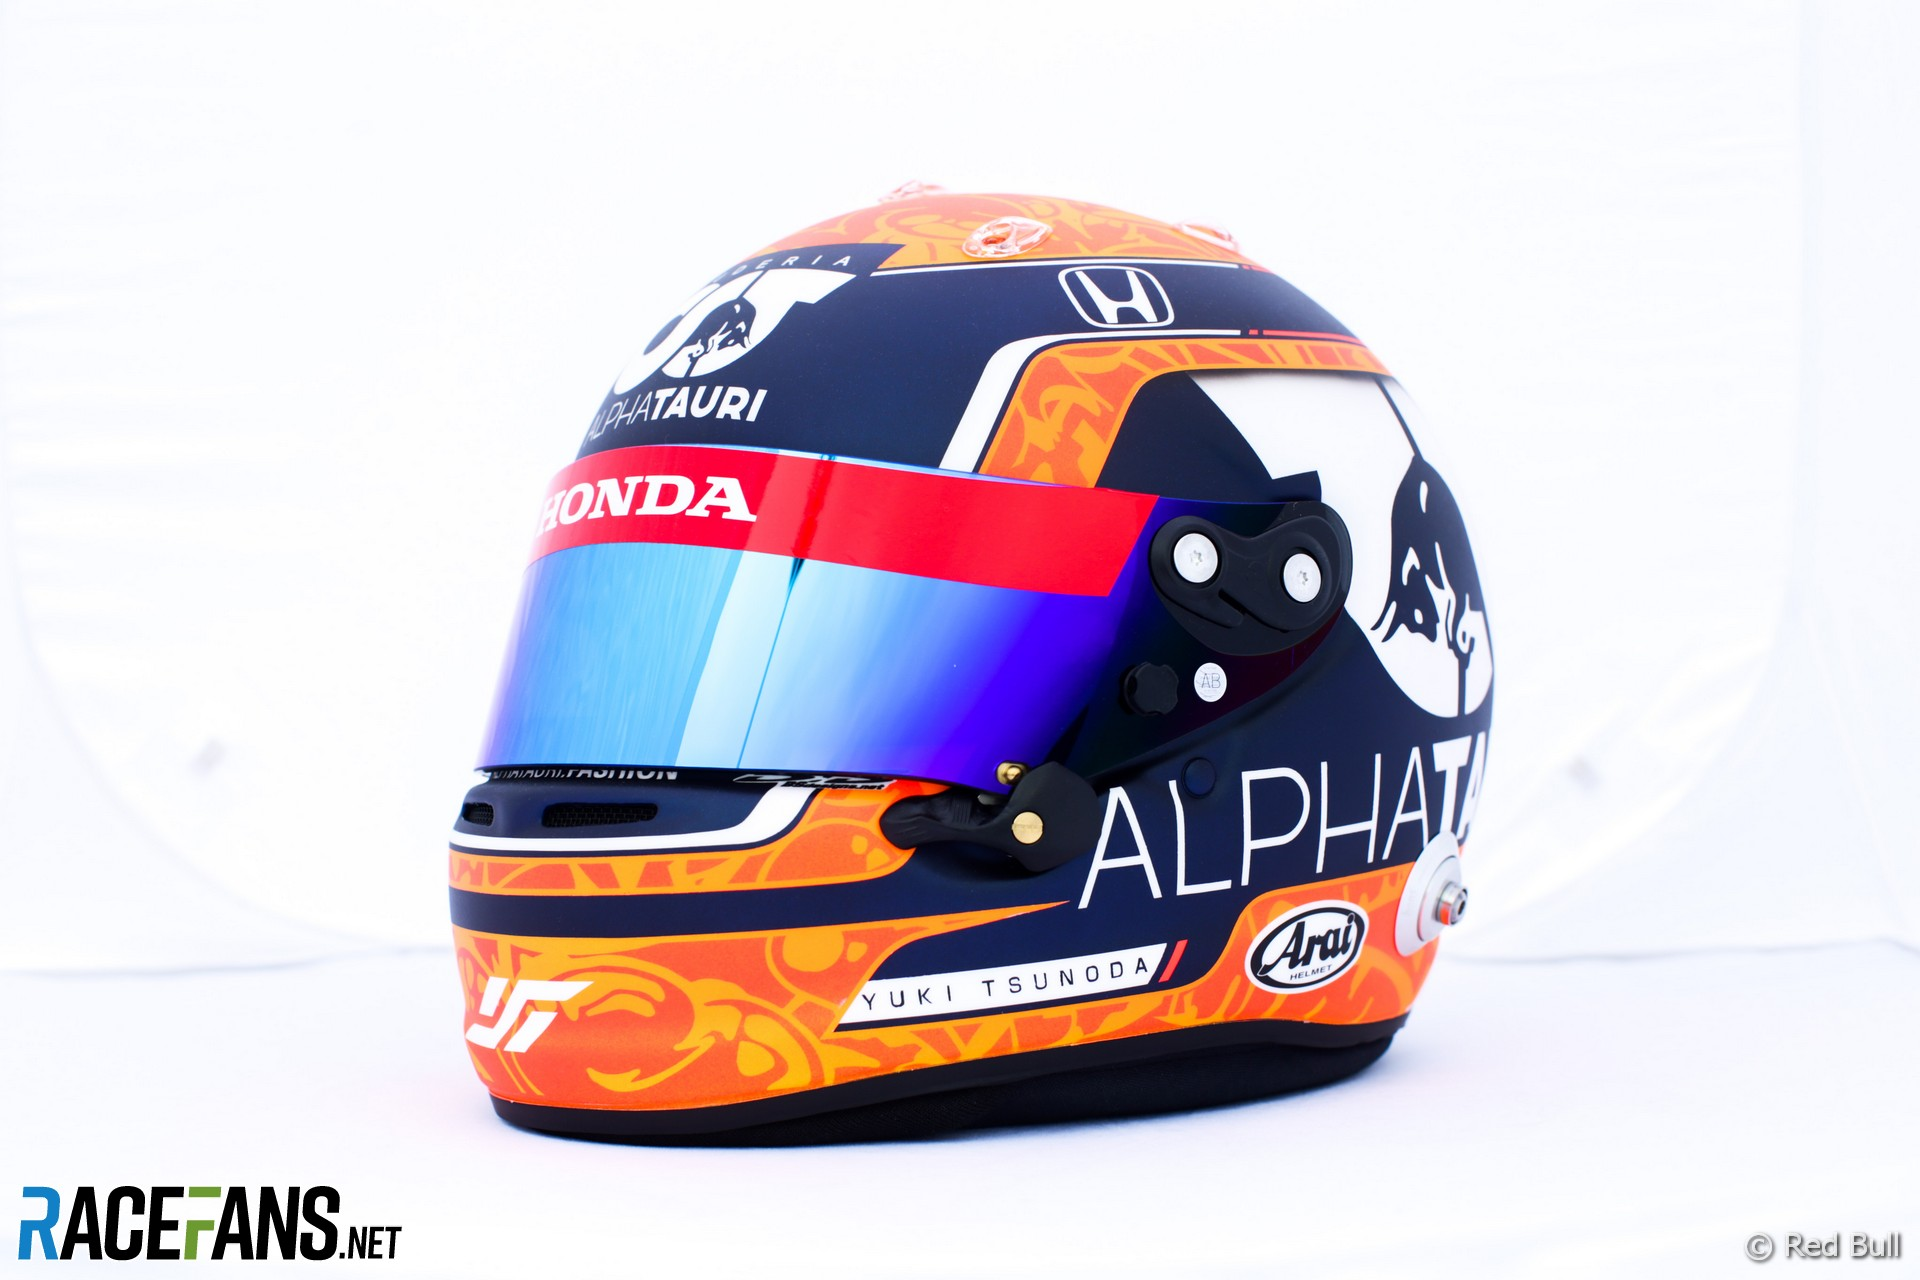 Yuki Tsunoda's 2021 French Grand Prix helmet